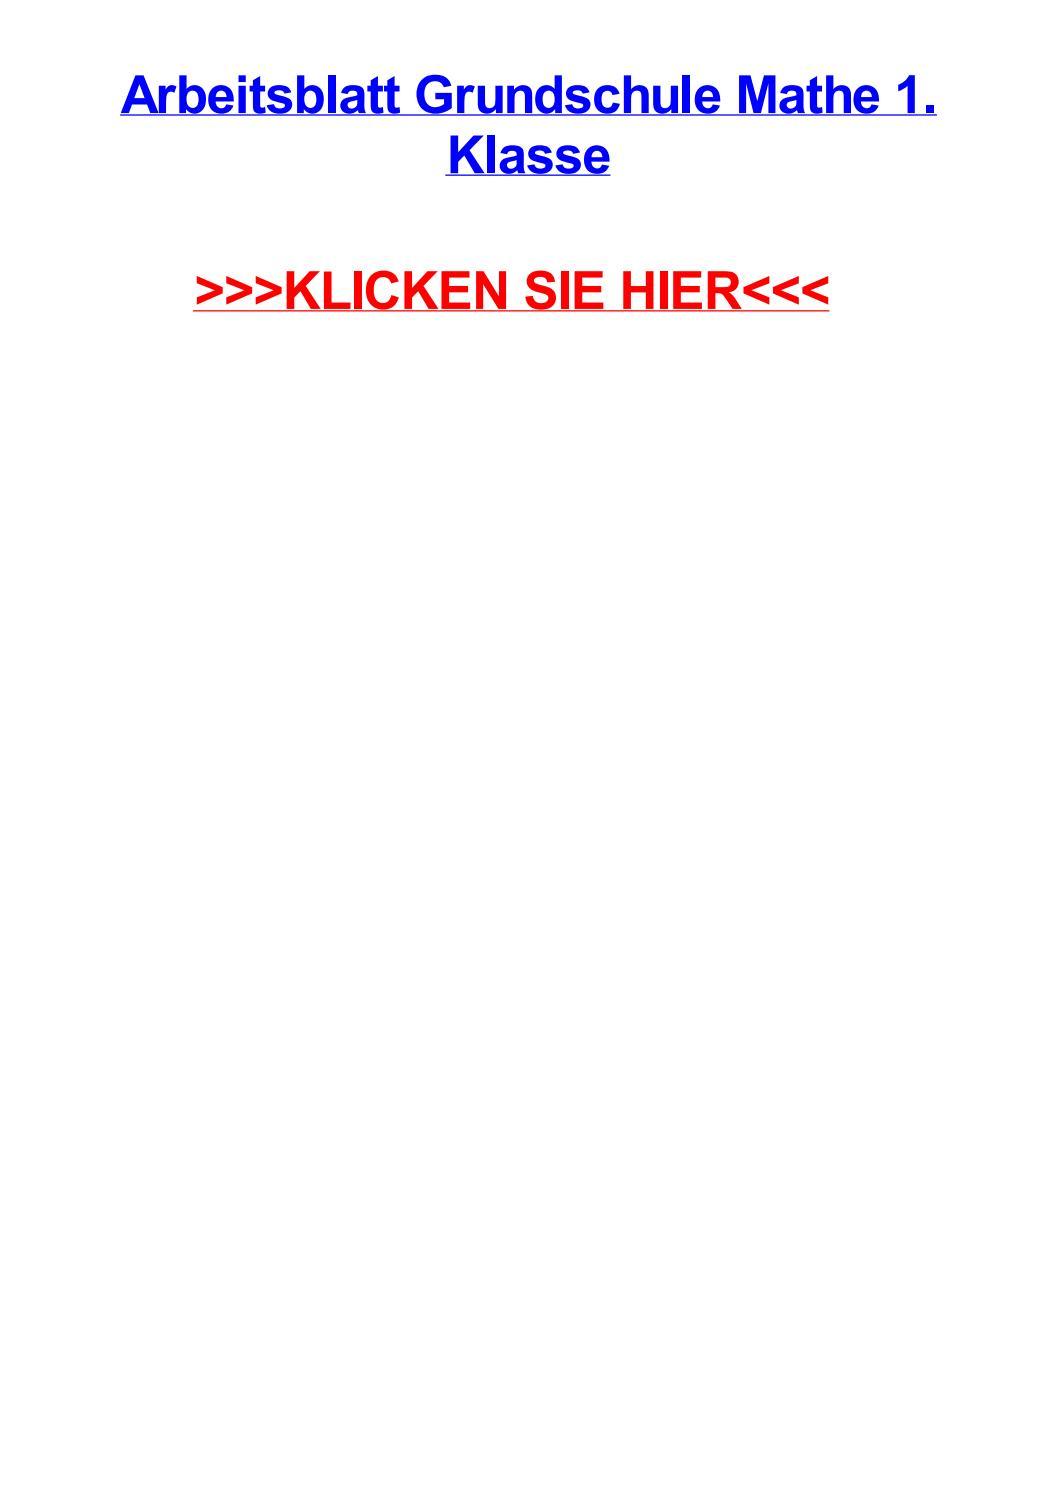 Arbeitsblatt grundschule mathe 1 klasse by jeniferrmust - issuu